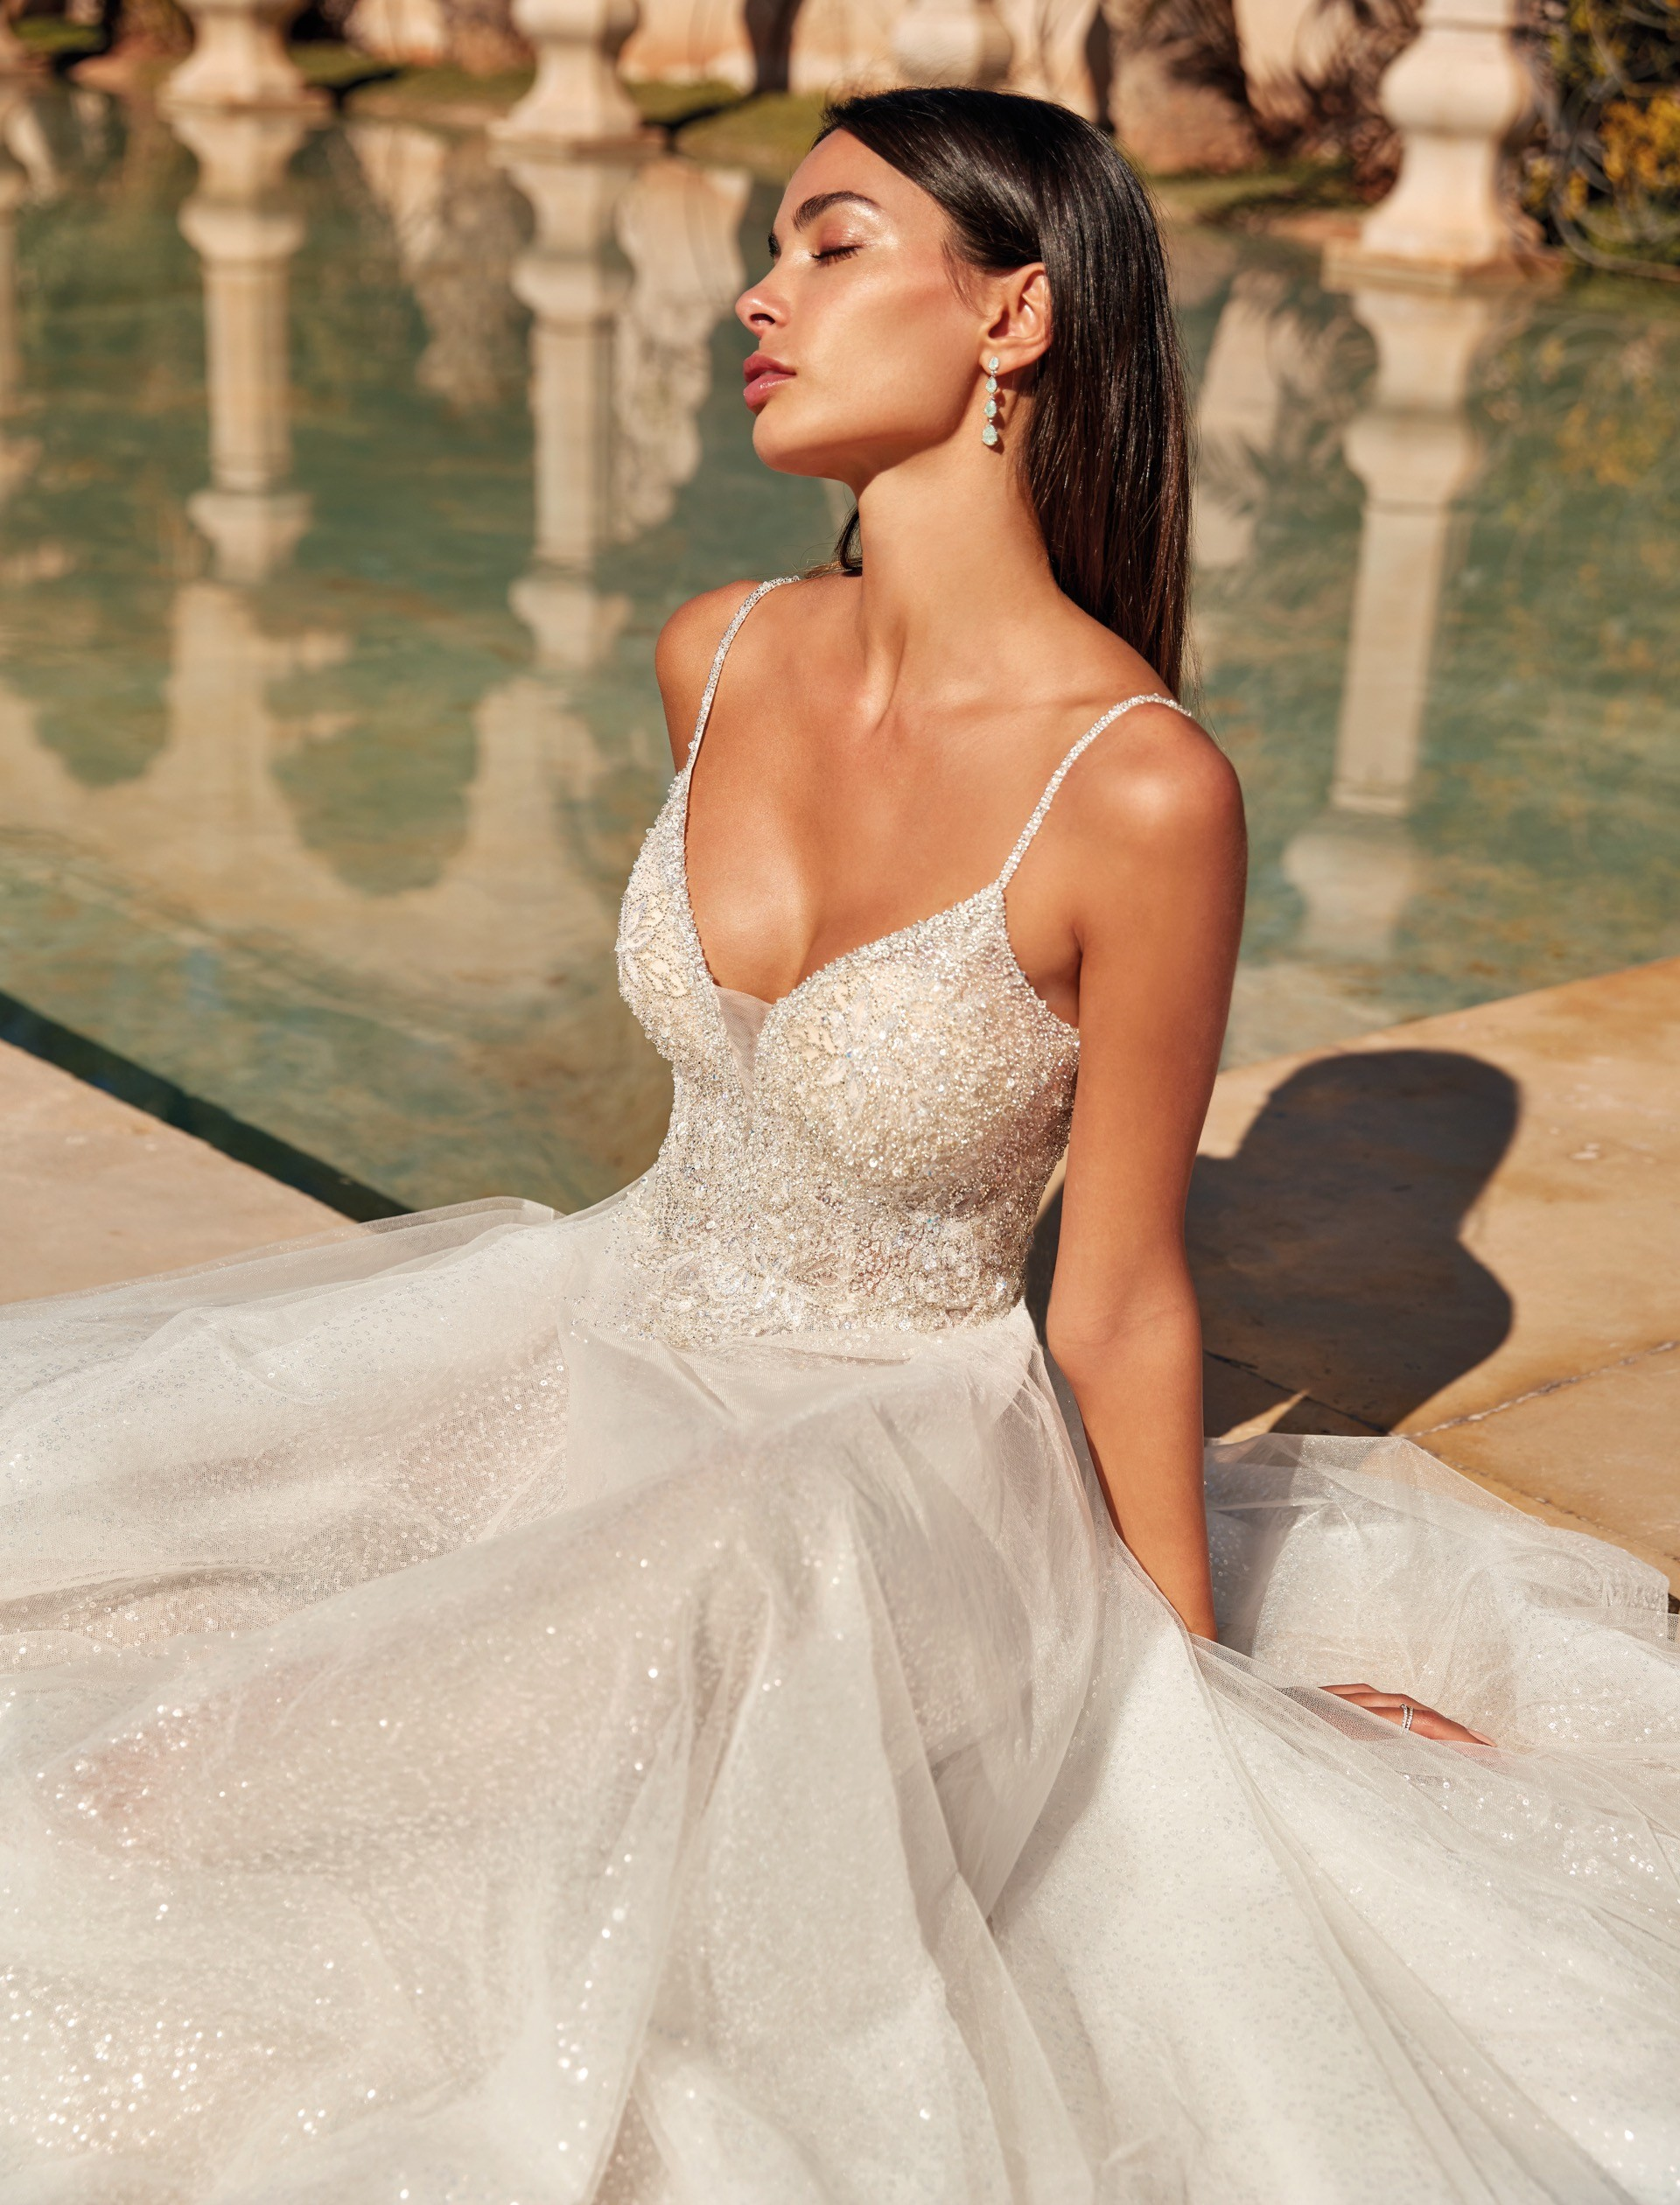 Hochzeitskleid mit Glittertüllrock, Plunge-Ausschnitt und Spaghettiträgern von Demetrios, Modell 1082